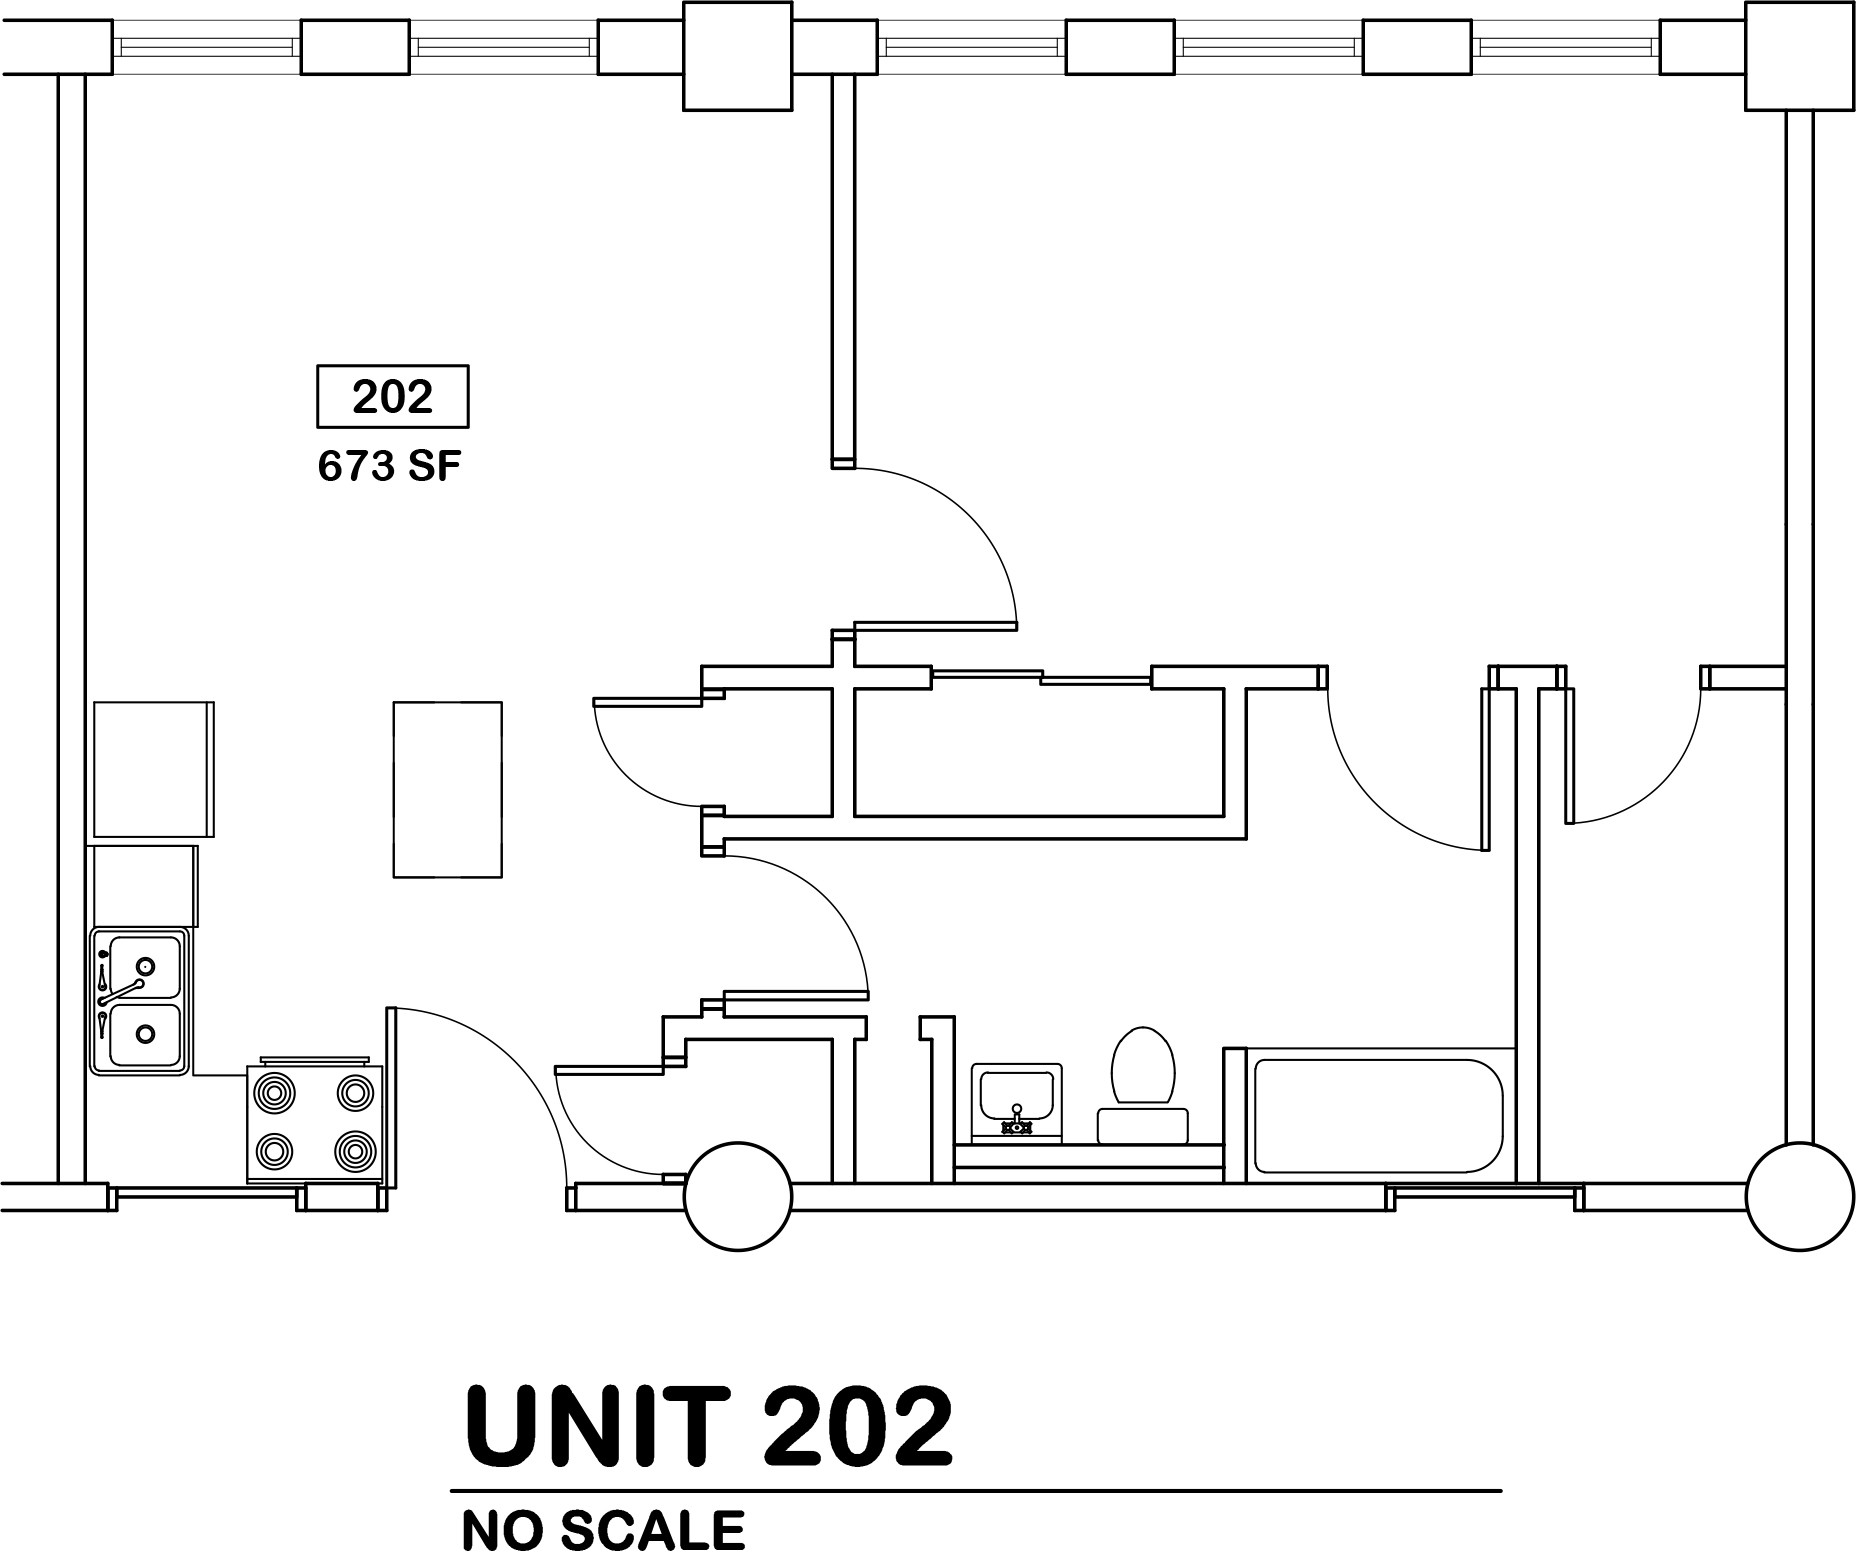 1 bed / 1 bath   $825 / 673 sq ft